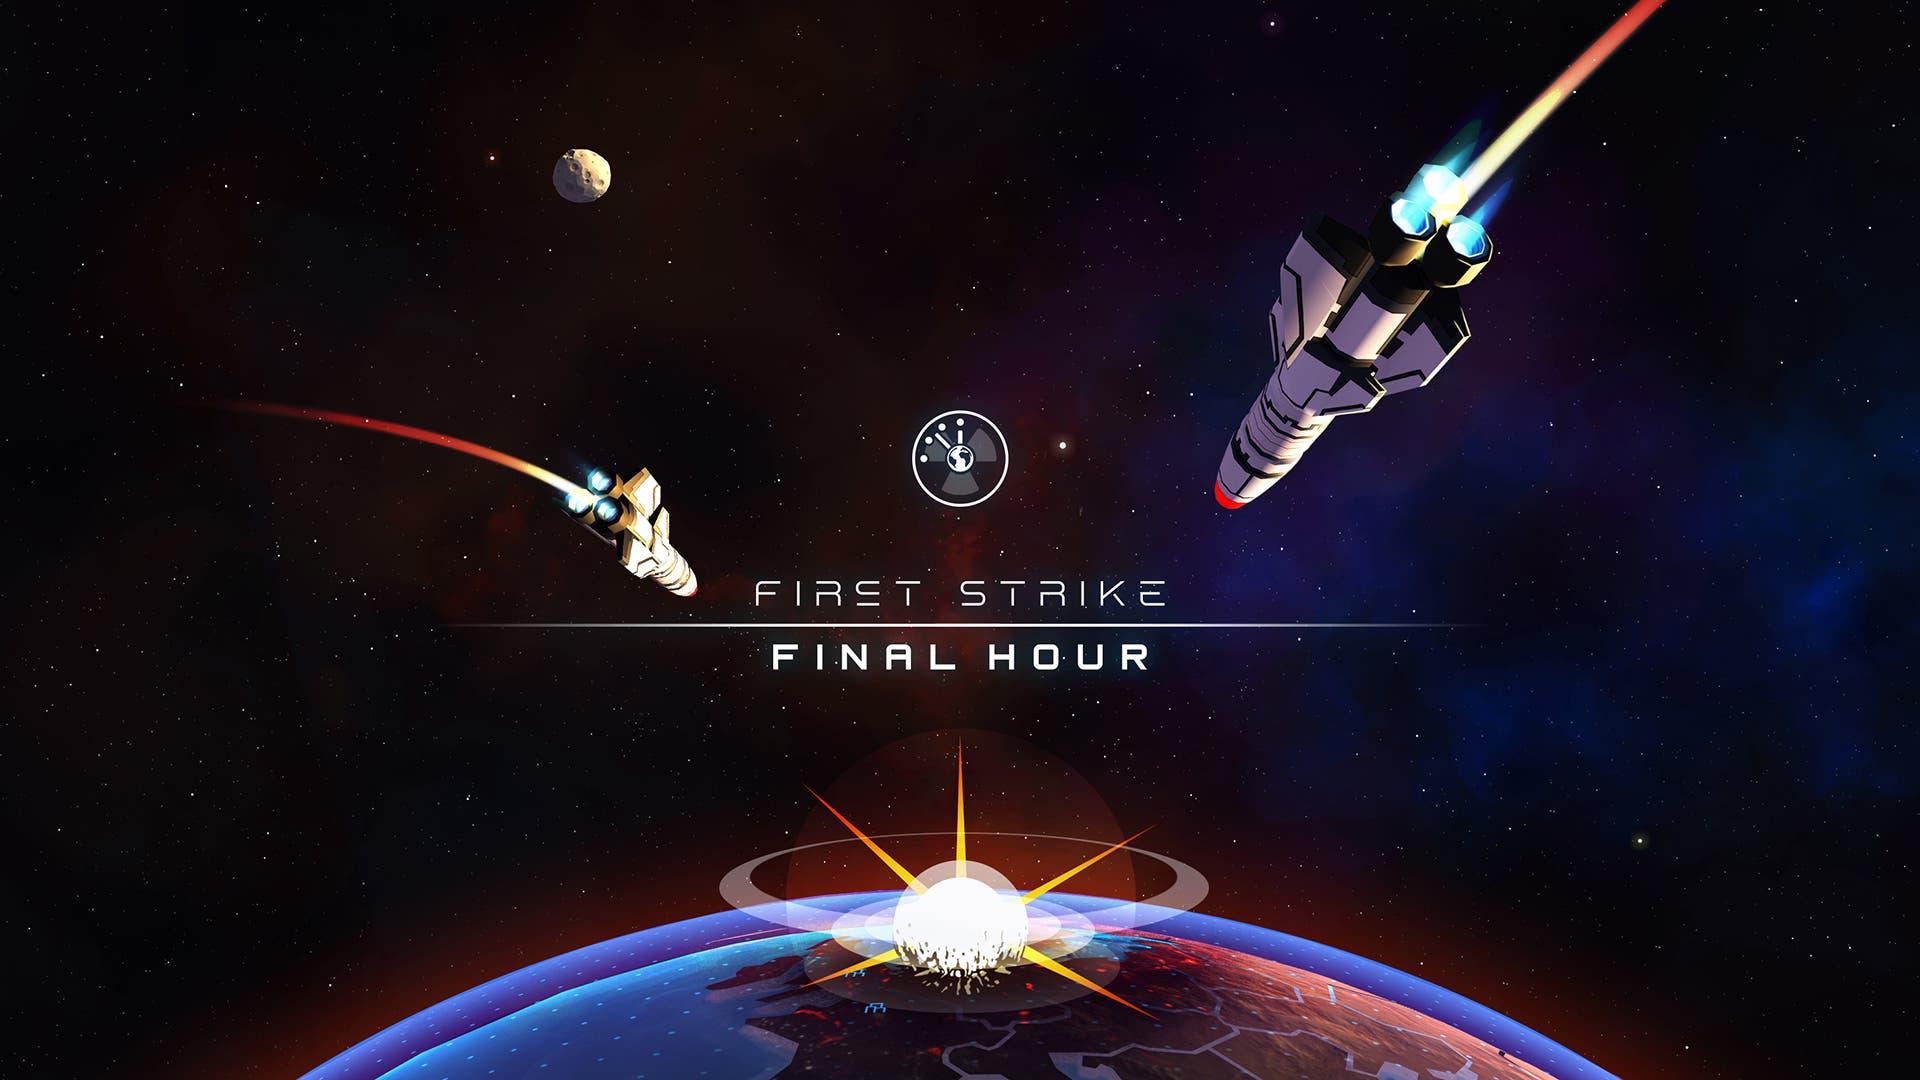 FirstStrikeFinalHour featured